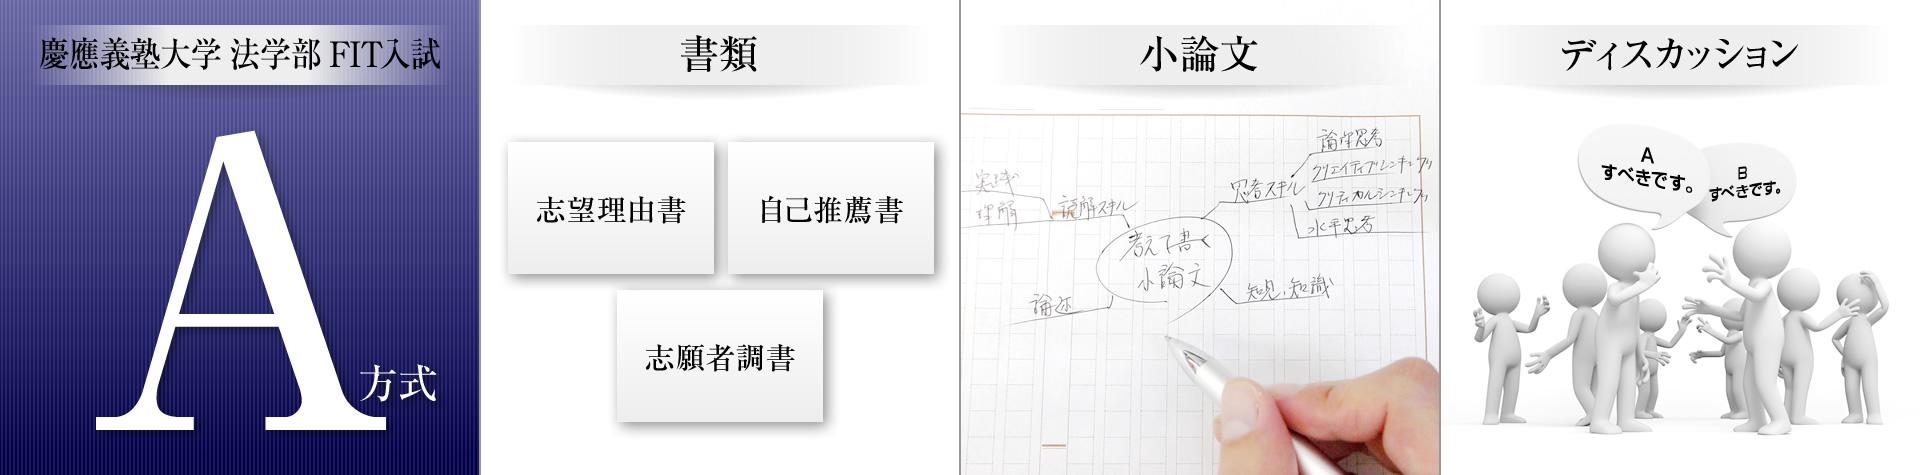 慶應義塾大学法学部 AO対策クラス 全国対応